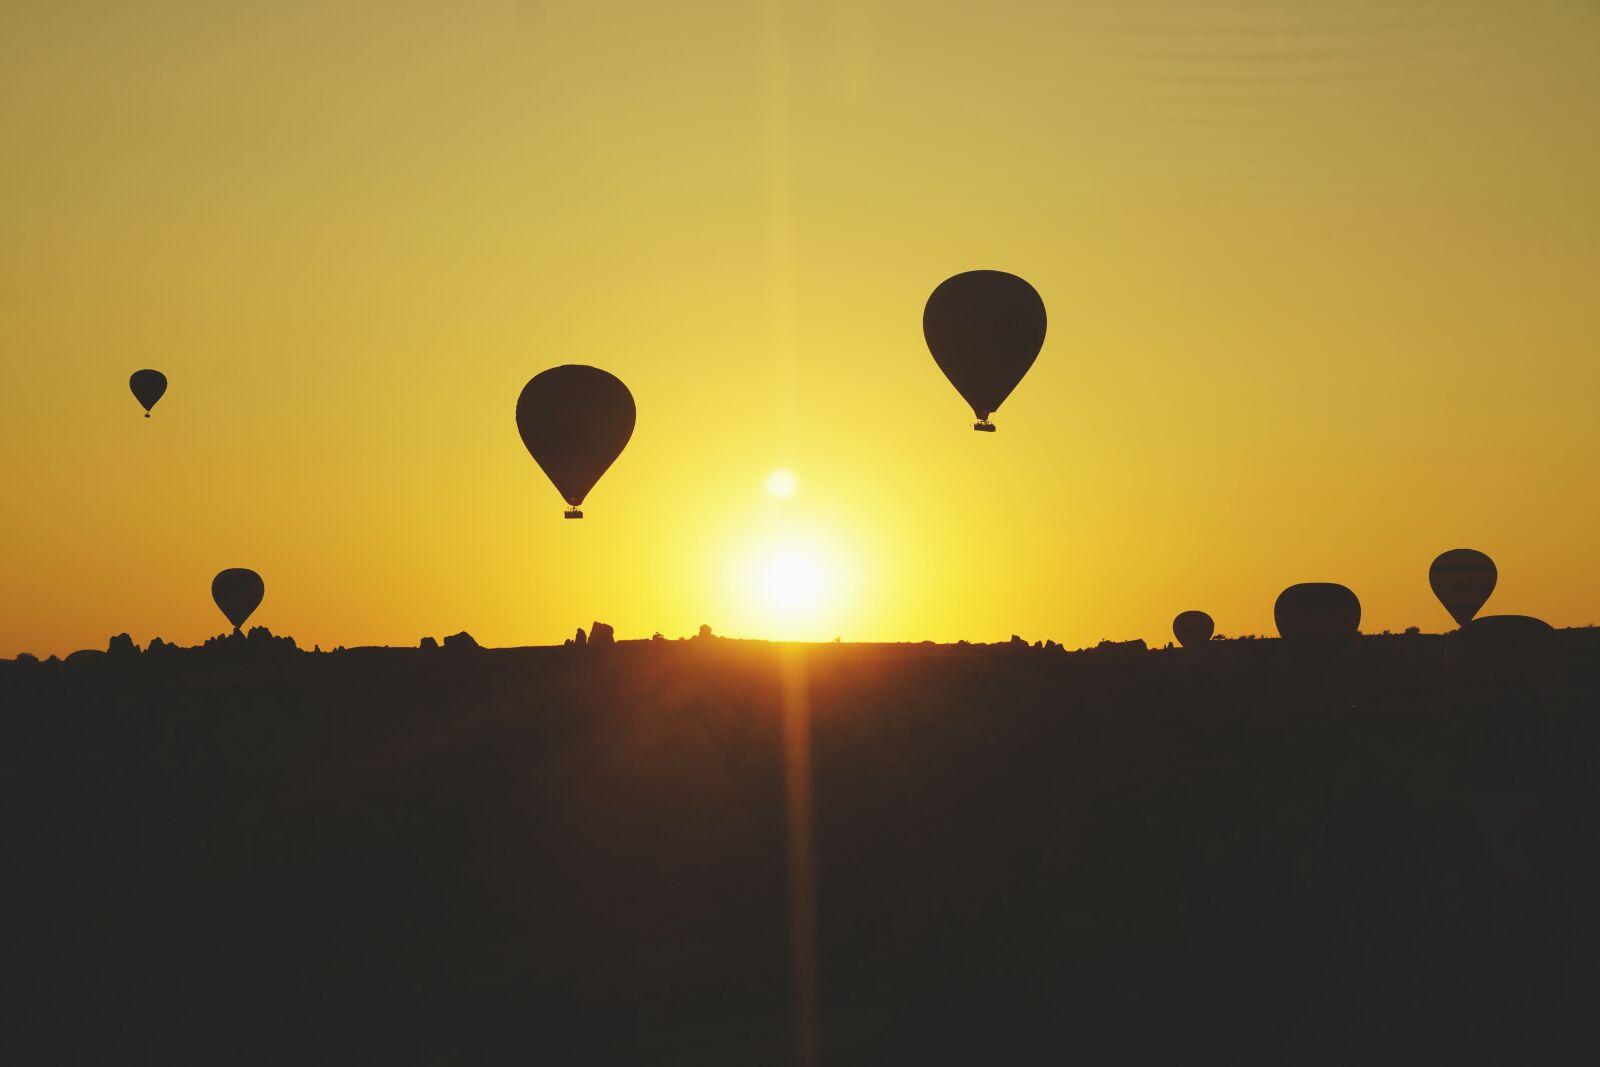 """Sony a6400 sample photo. """"Cappadocia, hot air, balloon"""" photography"""